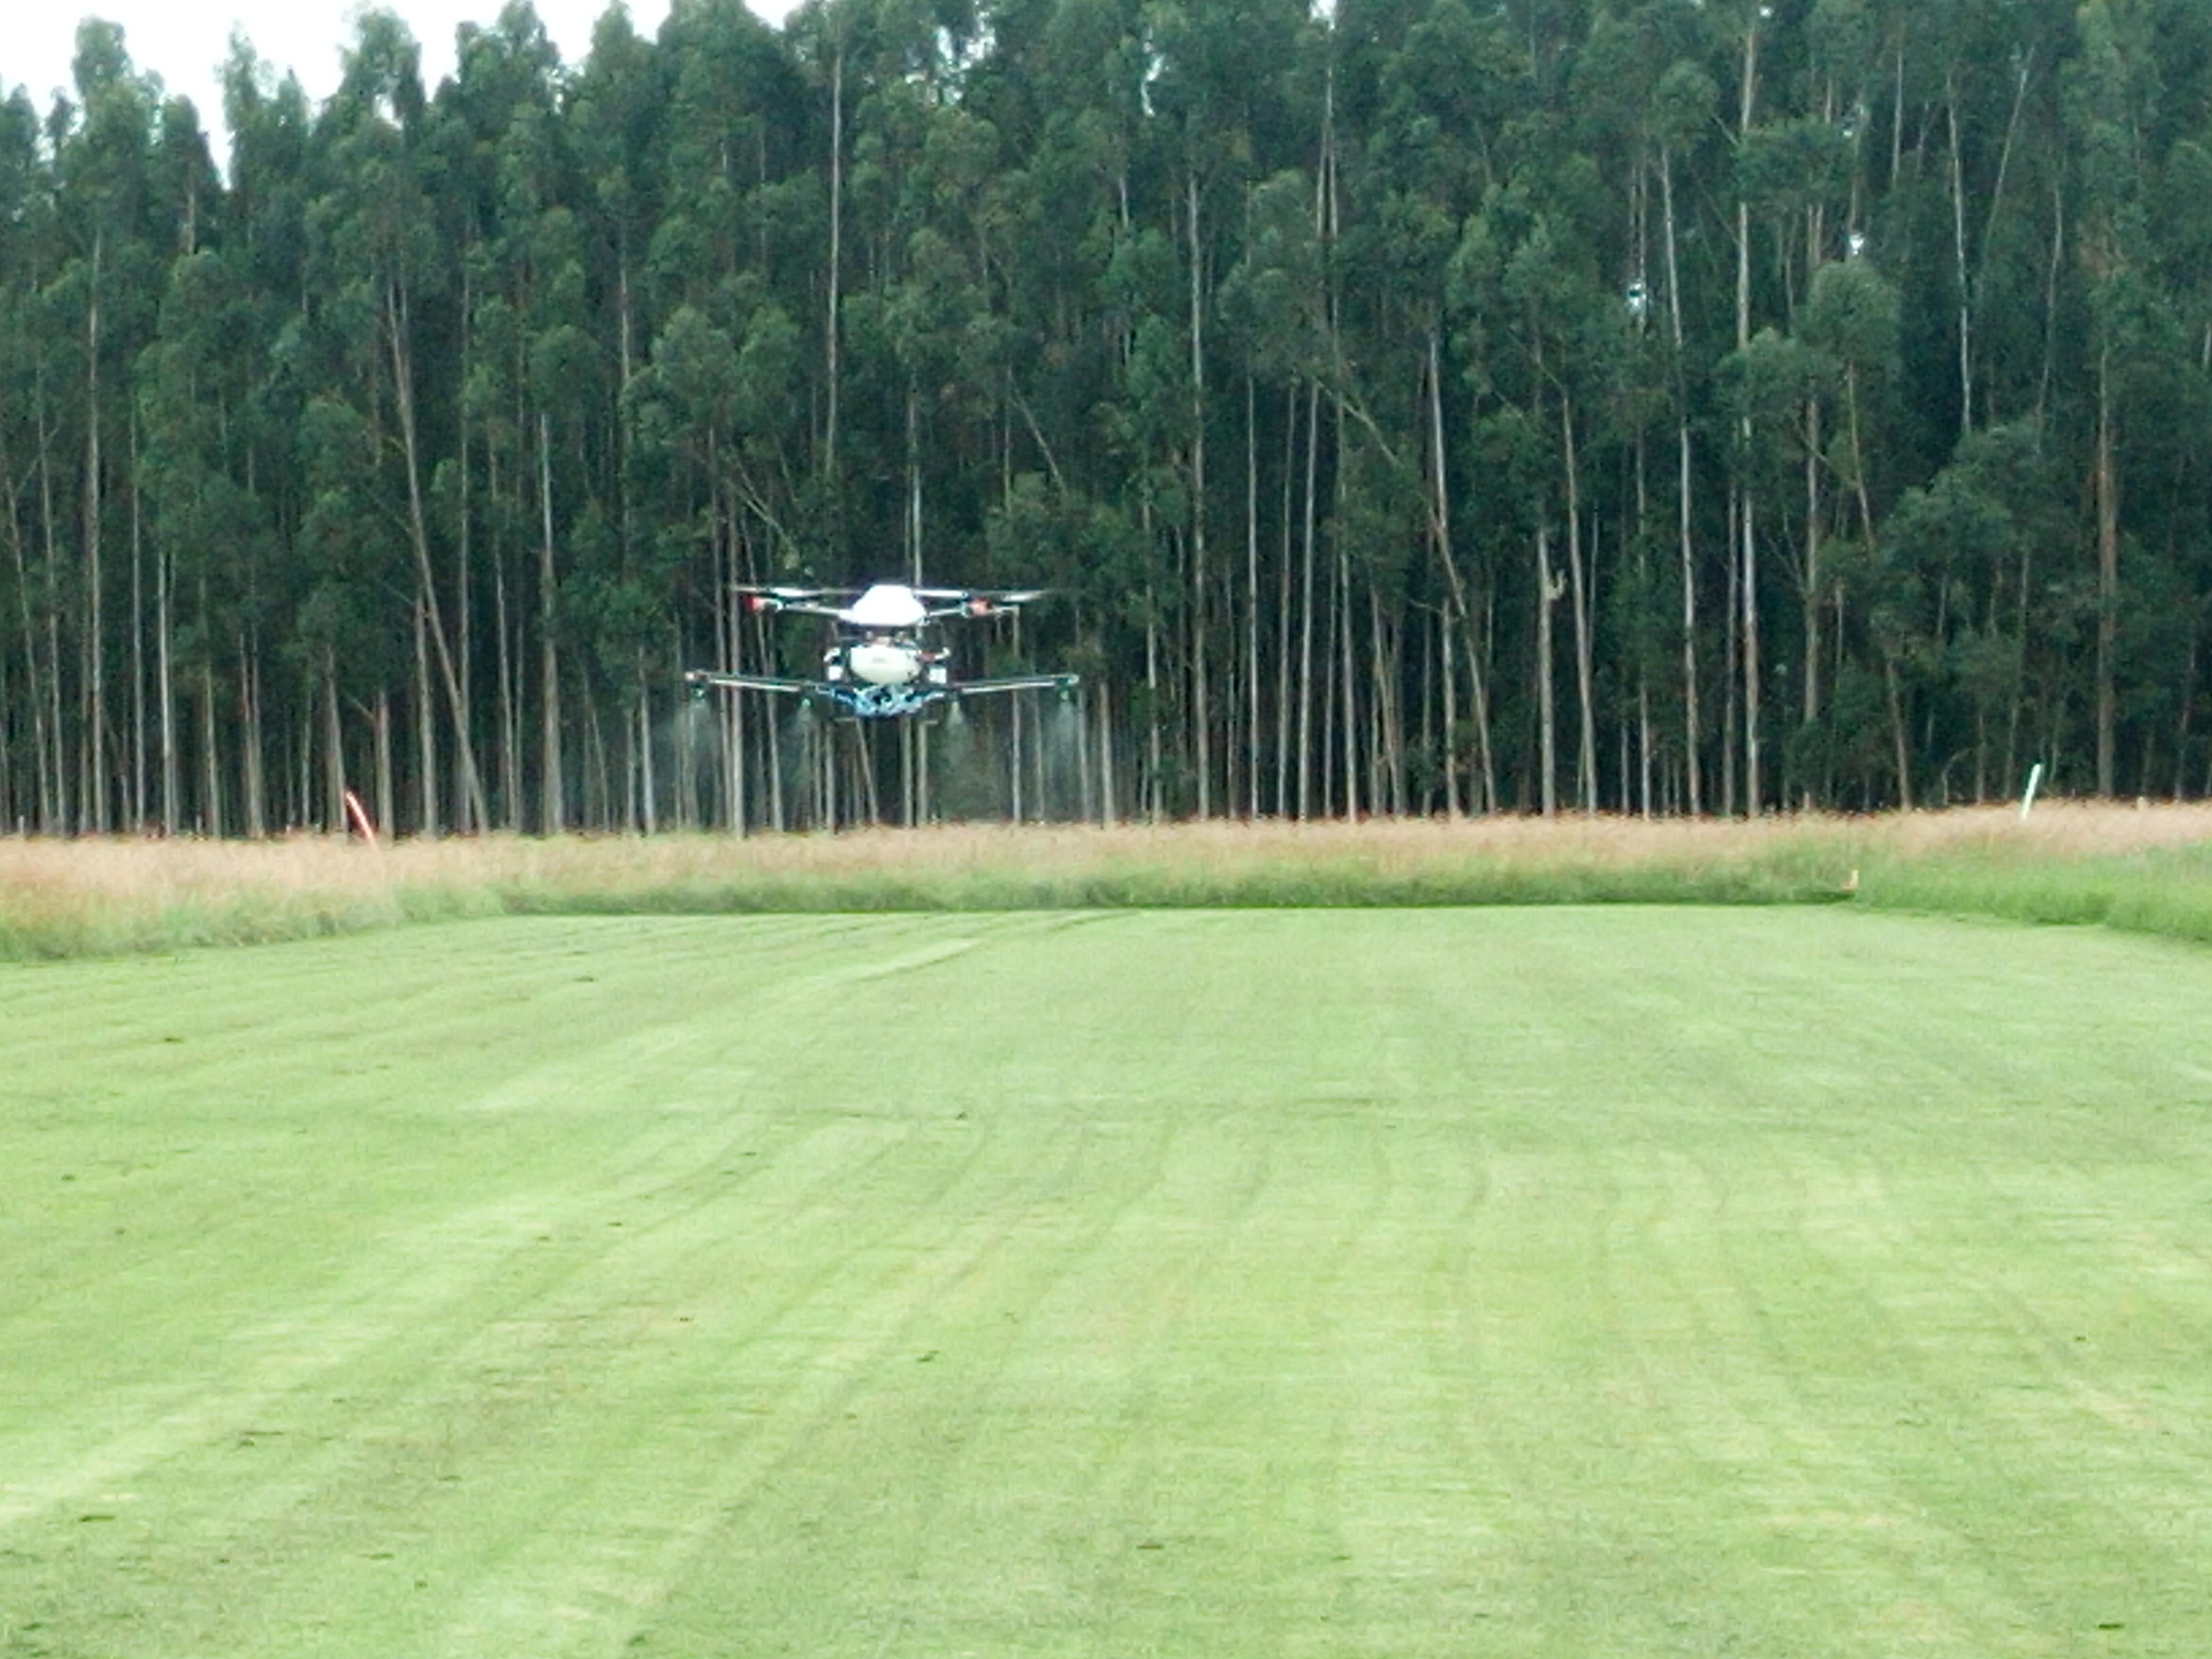 EN PRUEBA DE DRONE